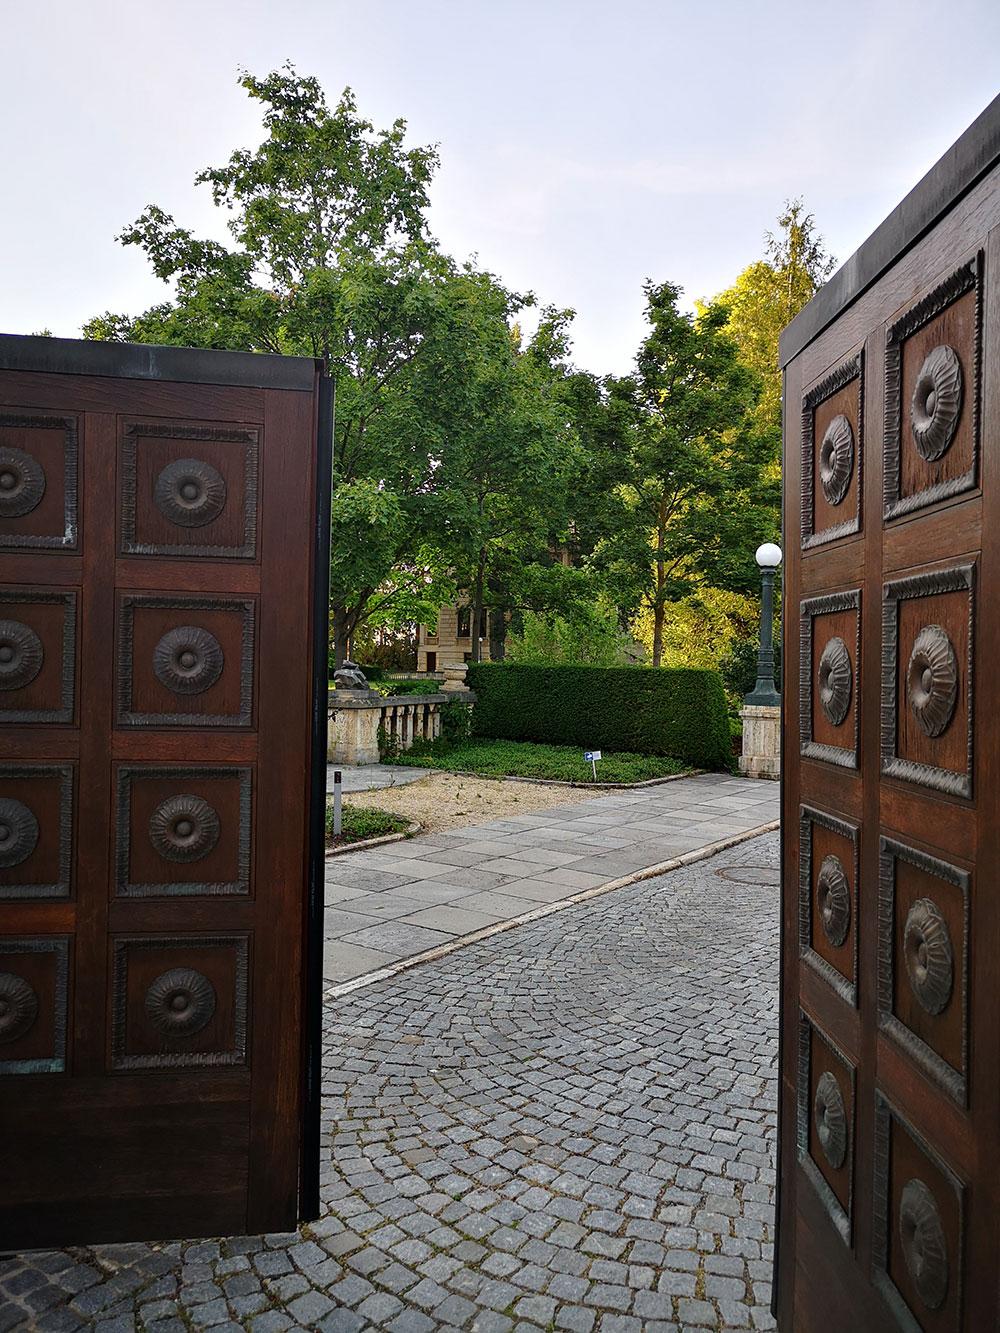 Mythos Bosch-Stiftung. Home of the Brains. Manche sagen Elfenbeinturm. Gleich kommt Bill Gates raus.